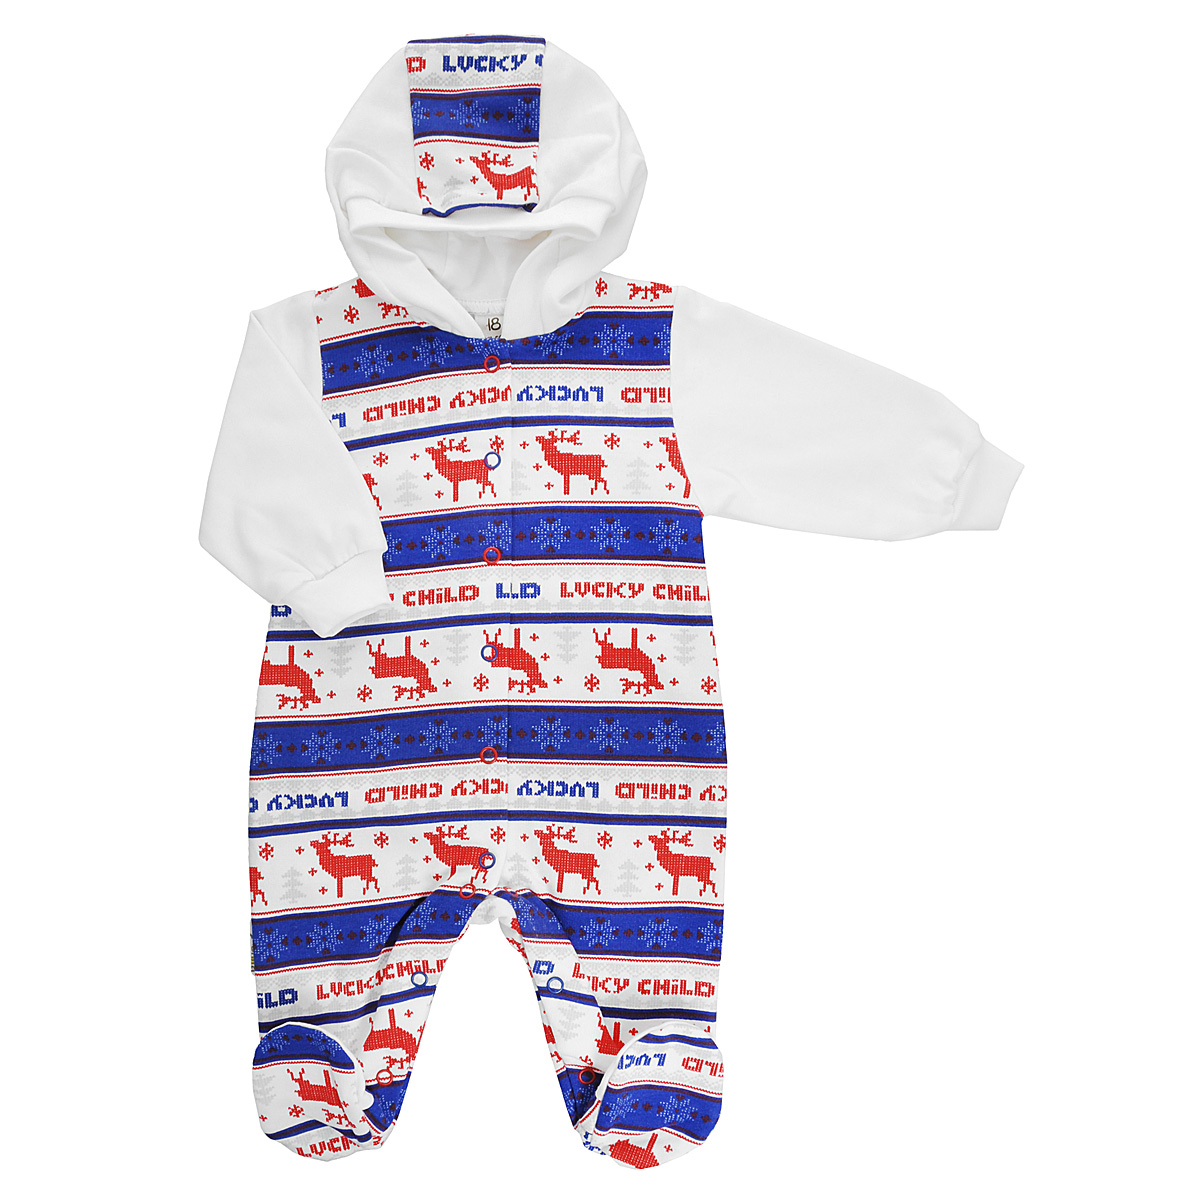 Комбинезон детский Lucky Child, цвет: молочный, синий, красный. 10-3. Размер 80/8610-3Детский комбинезон Lucky Child - очень удобный и практичный вид одежды для малышей. Комбинезон выполнен из натурального хлопка, благодаря чему он необычайно мягкий и приятный на ощупь, не раздражает нежную кожу ребенка и хорошо вентилируется, а эластичные швы приятны телу малыша и не препятствуют его движениям. Лицевая сторона гладкая, а изнаночная - с мягким теплым начесом. Комбинезон с капюшоном, длинными рукавами и закрытыми ножками имеет застежки-кнопки от горловины до щиколоток, которые помогают легко переодеть младенца или сменить подгузник. Рукава дополнены широкими трикотажными манжетами, не сжимающими запястья ребенка. Оформлена модель модным скандинавским принтом. С детским комбинезоном Lucky Child спинка и ножки вашего малыша всегда будут в тепле, он идеален для использования днем и незаменим ночью. Комбинезон полностью соответствует особенностям жизни младенца в ранний период, не стесняя и не ограничивая его в движениях!